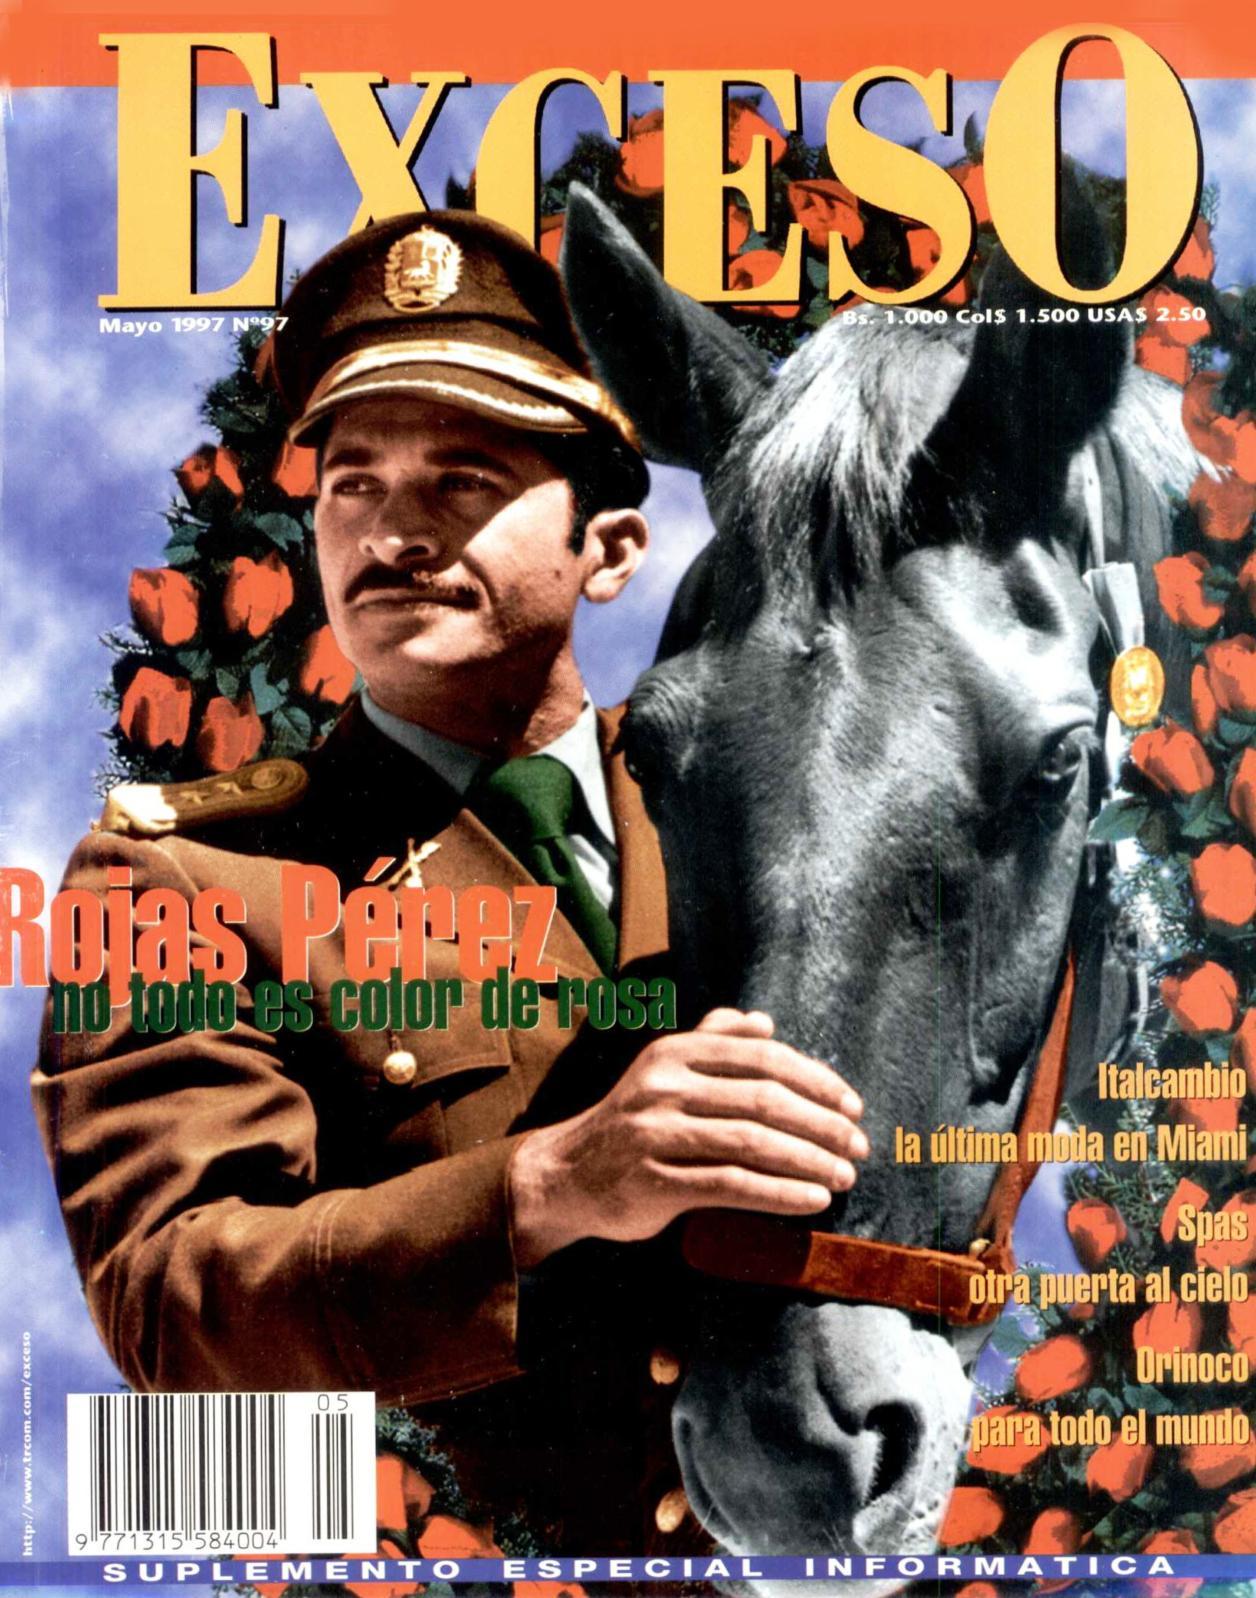 7a986986619d Calaméo - REVISTA EXCESO EDICIÓN Nº 97 MAYO 1997